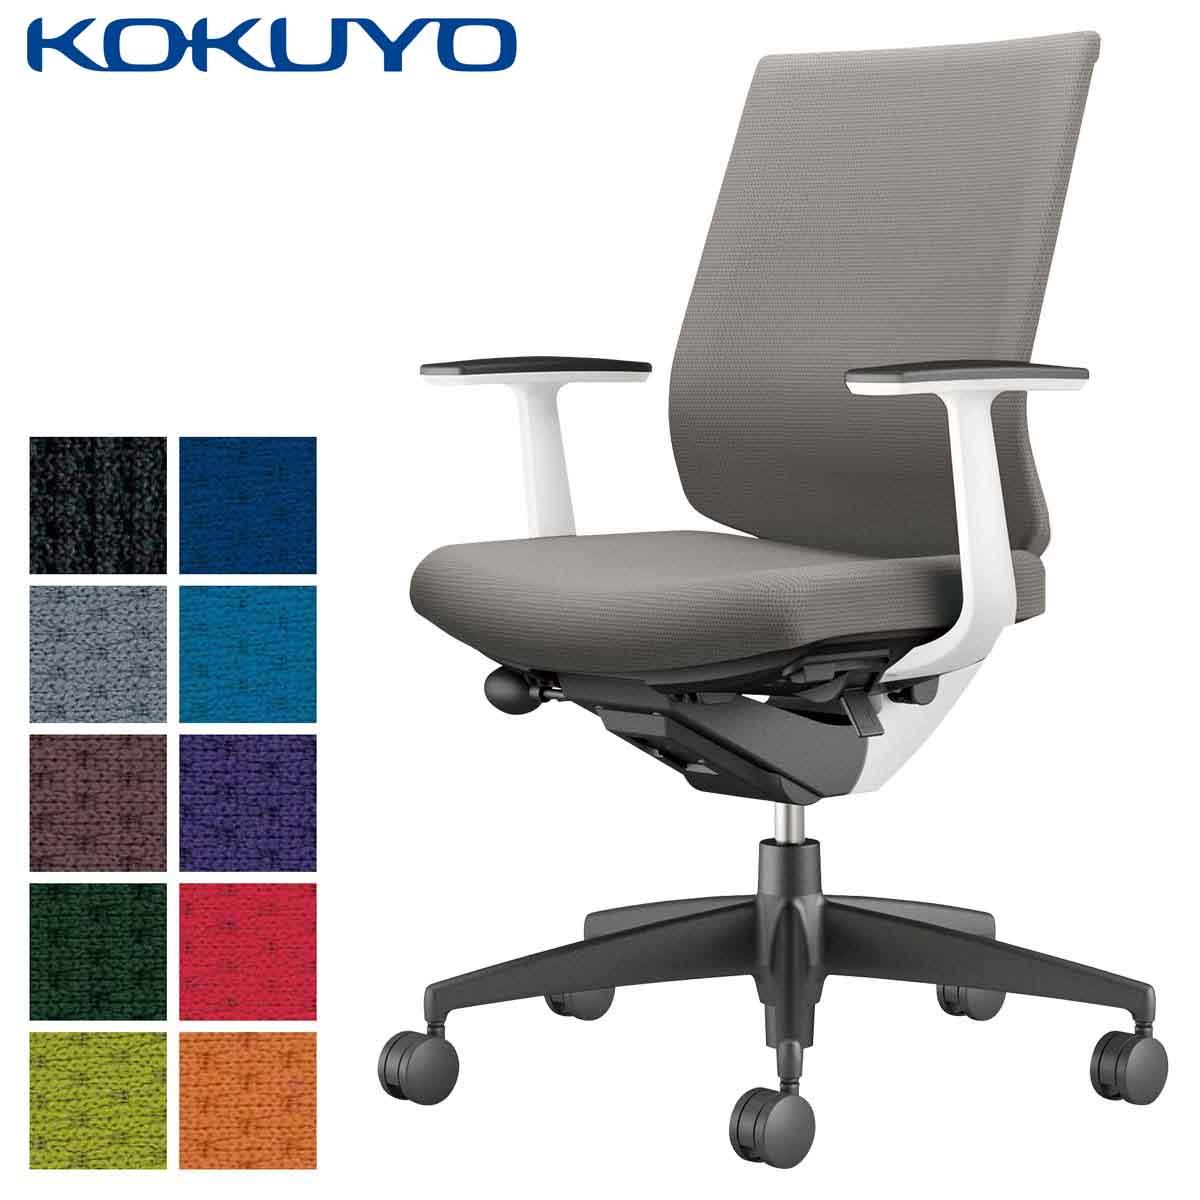 コクヨ デスクチェア オフィスチェア 椅子 Wizard3 ウィザード3 CR-G3621E1 T型肘 ホワイトシェル ブラック樹脂脚 -v フローリング用キャスター